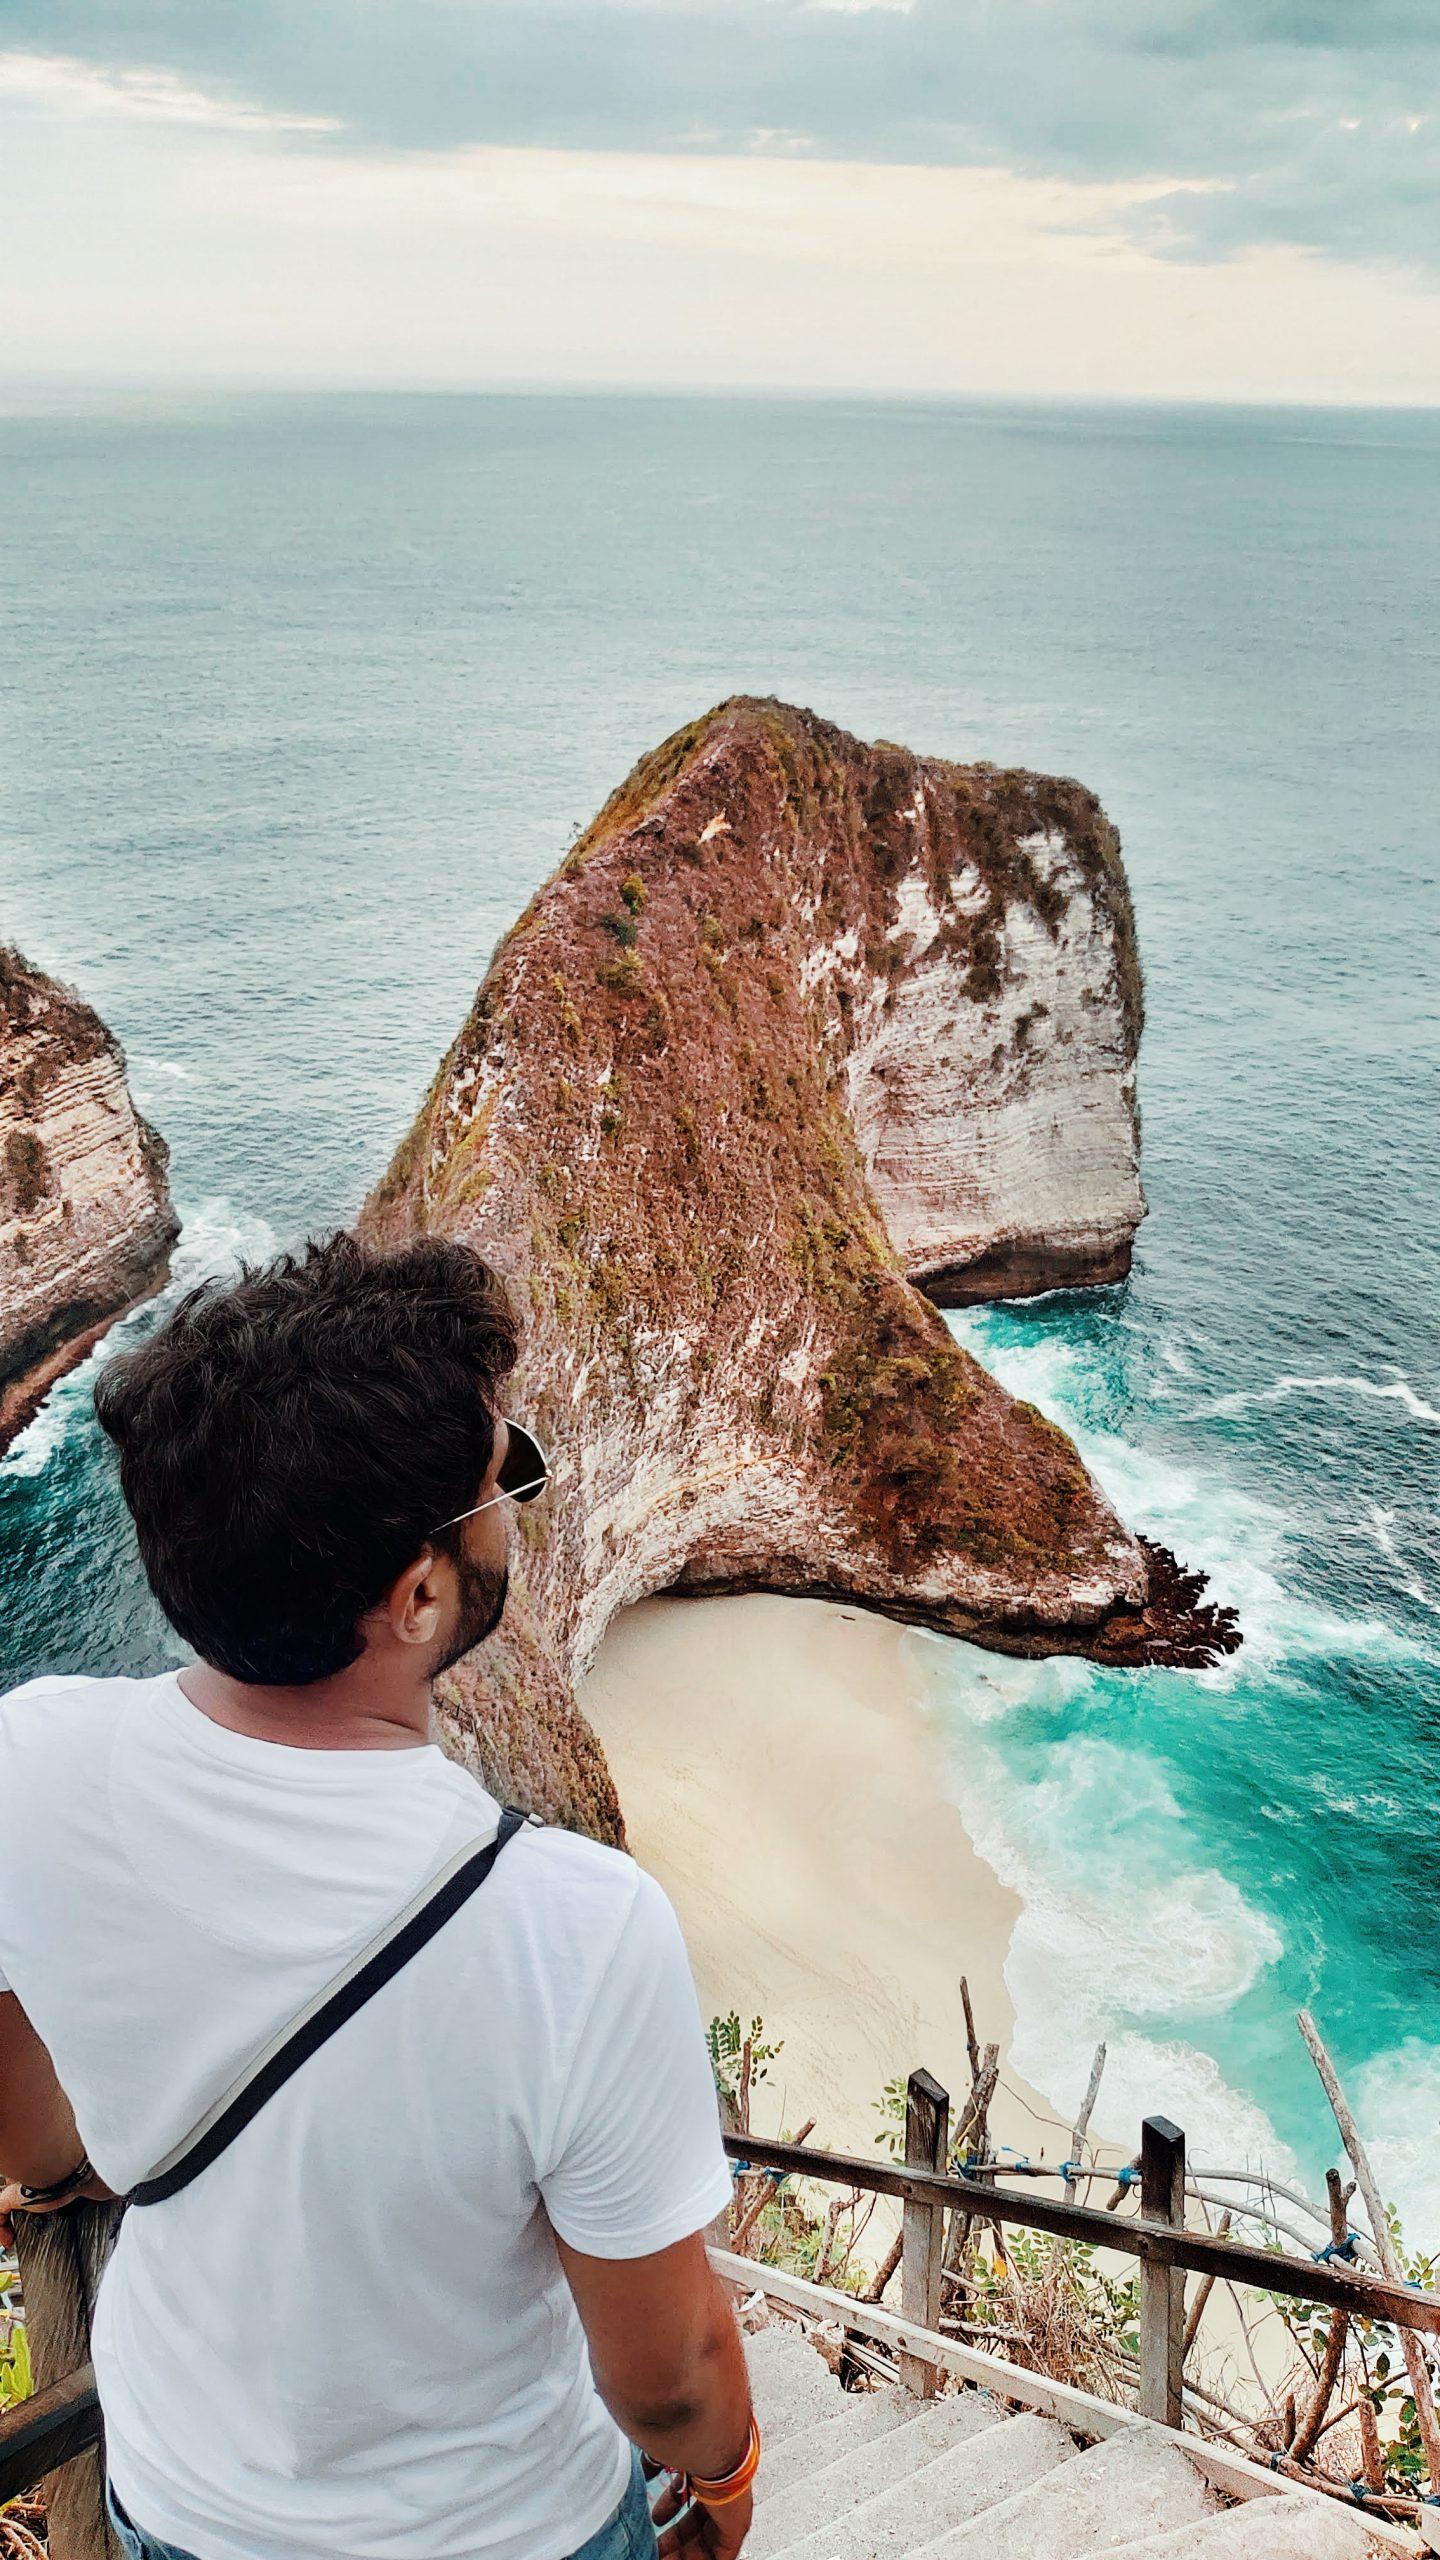 Man overlooking the ocean